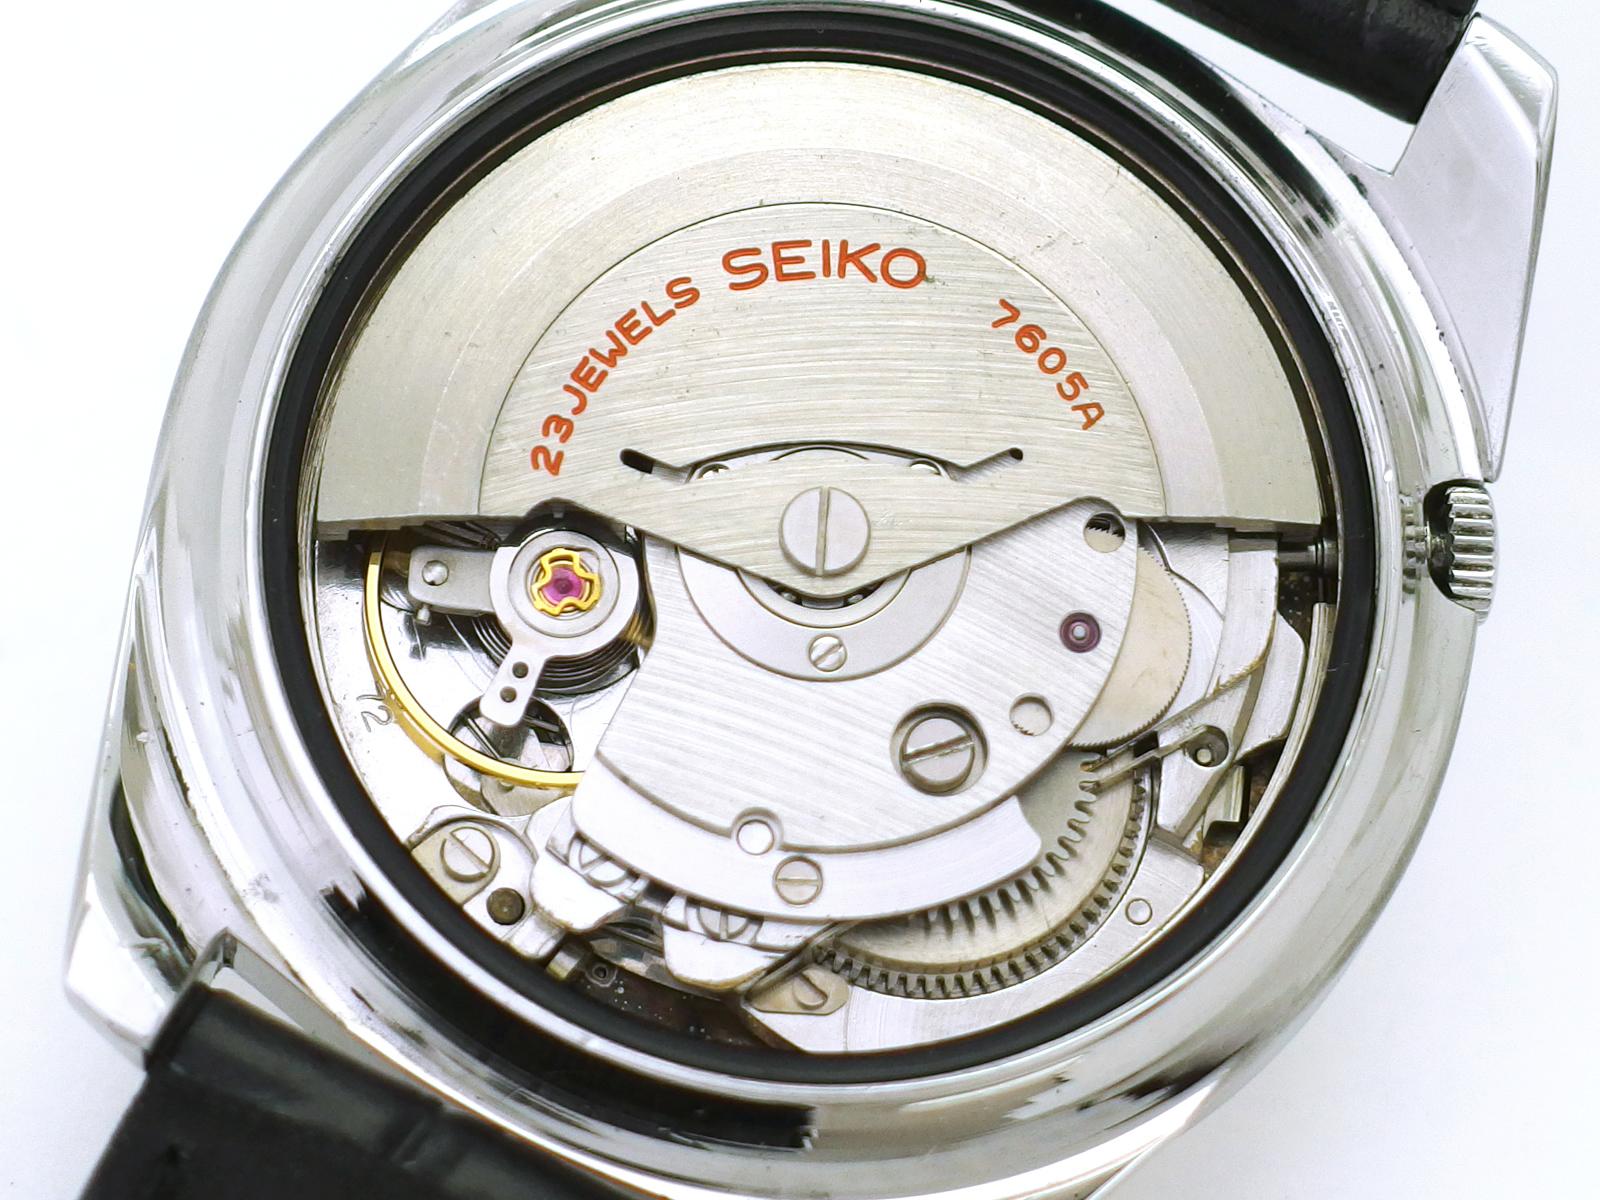 セイコー スポーツマチック デラックス 7605-8000 自動巻 OH済 昭和41年/1966年製 Seiko